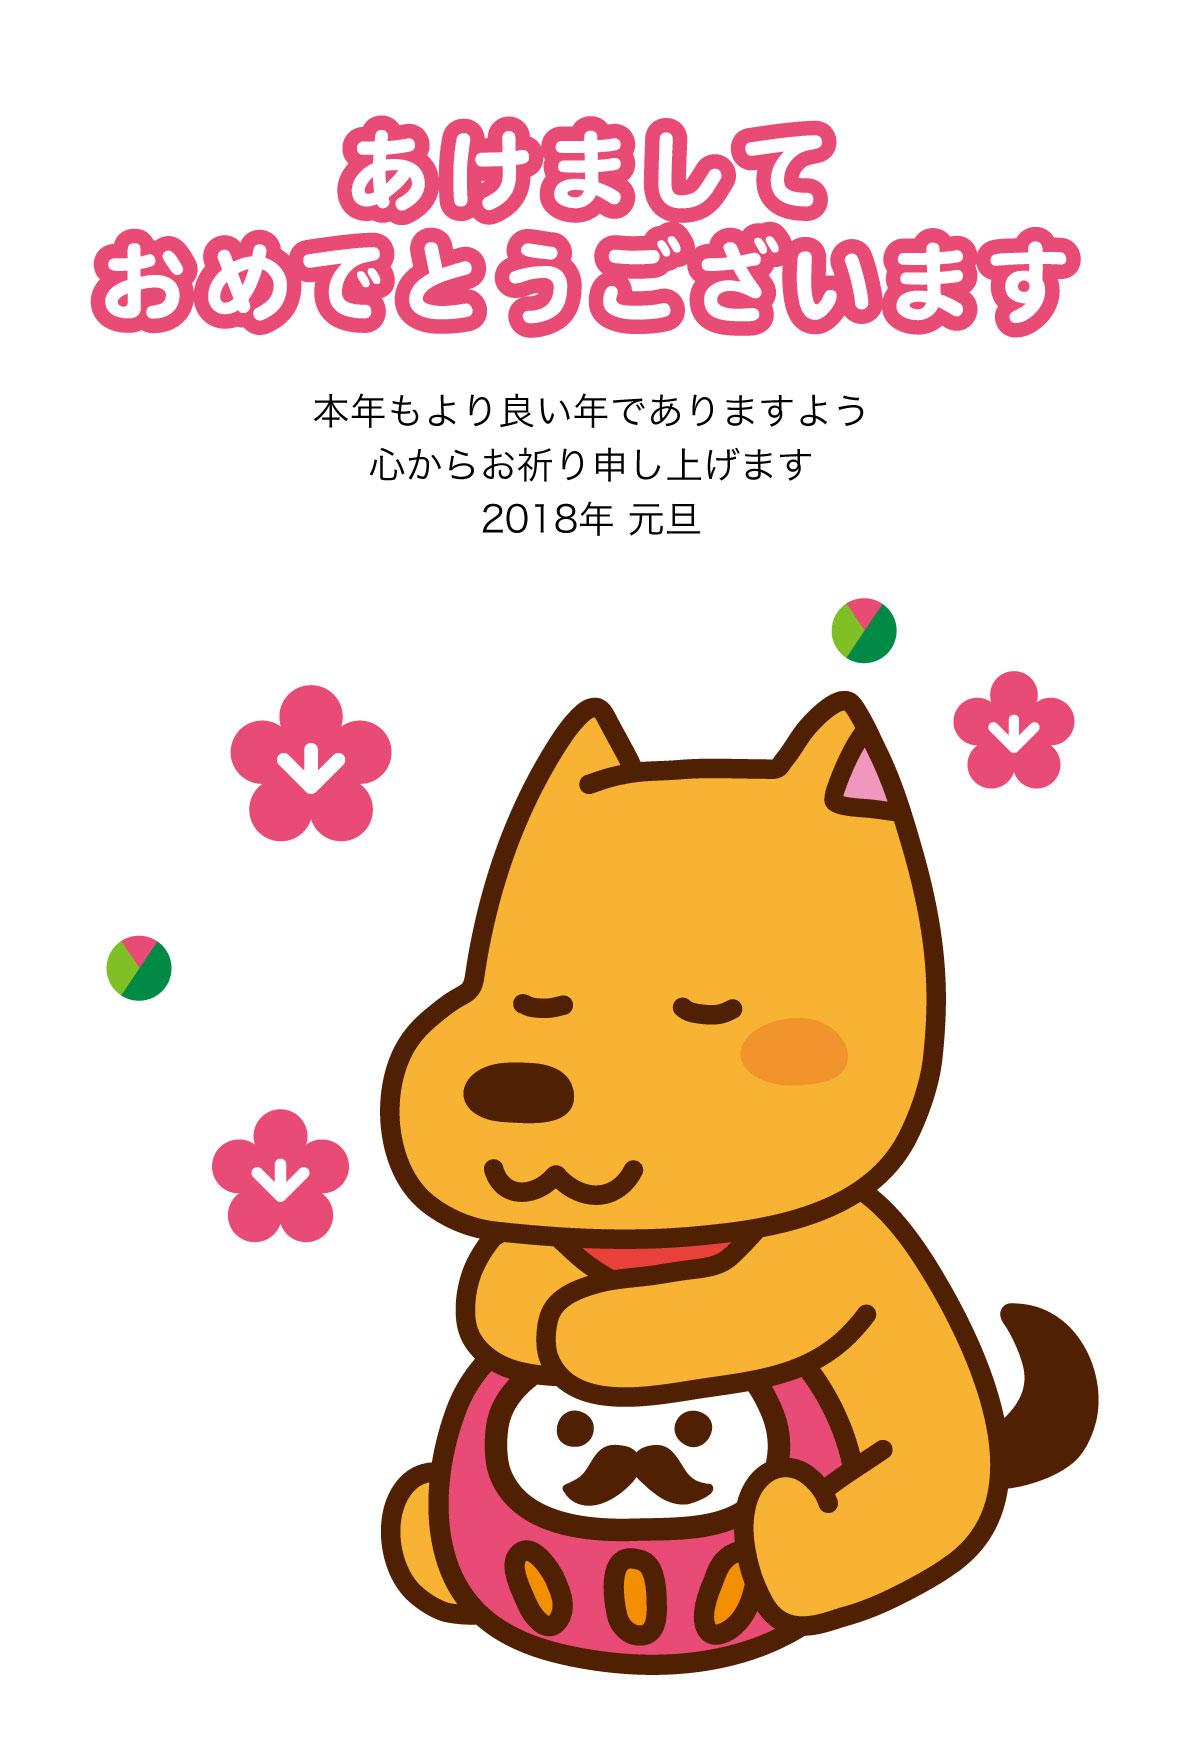 ダルマを抱える犬のイラスト年賀状(戌年) | かわいい無料年賀状